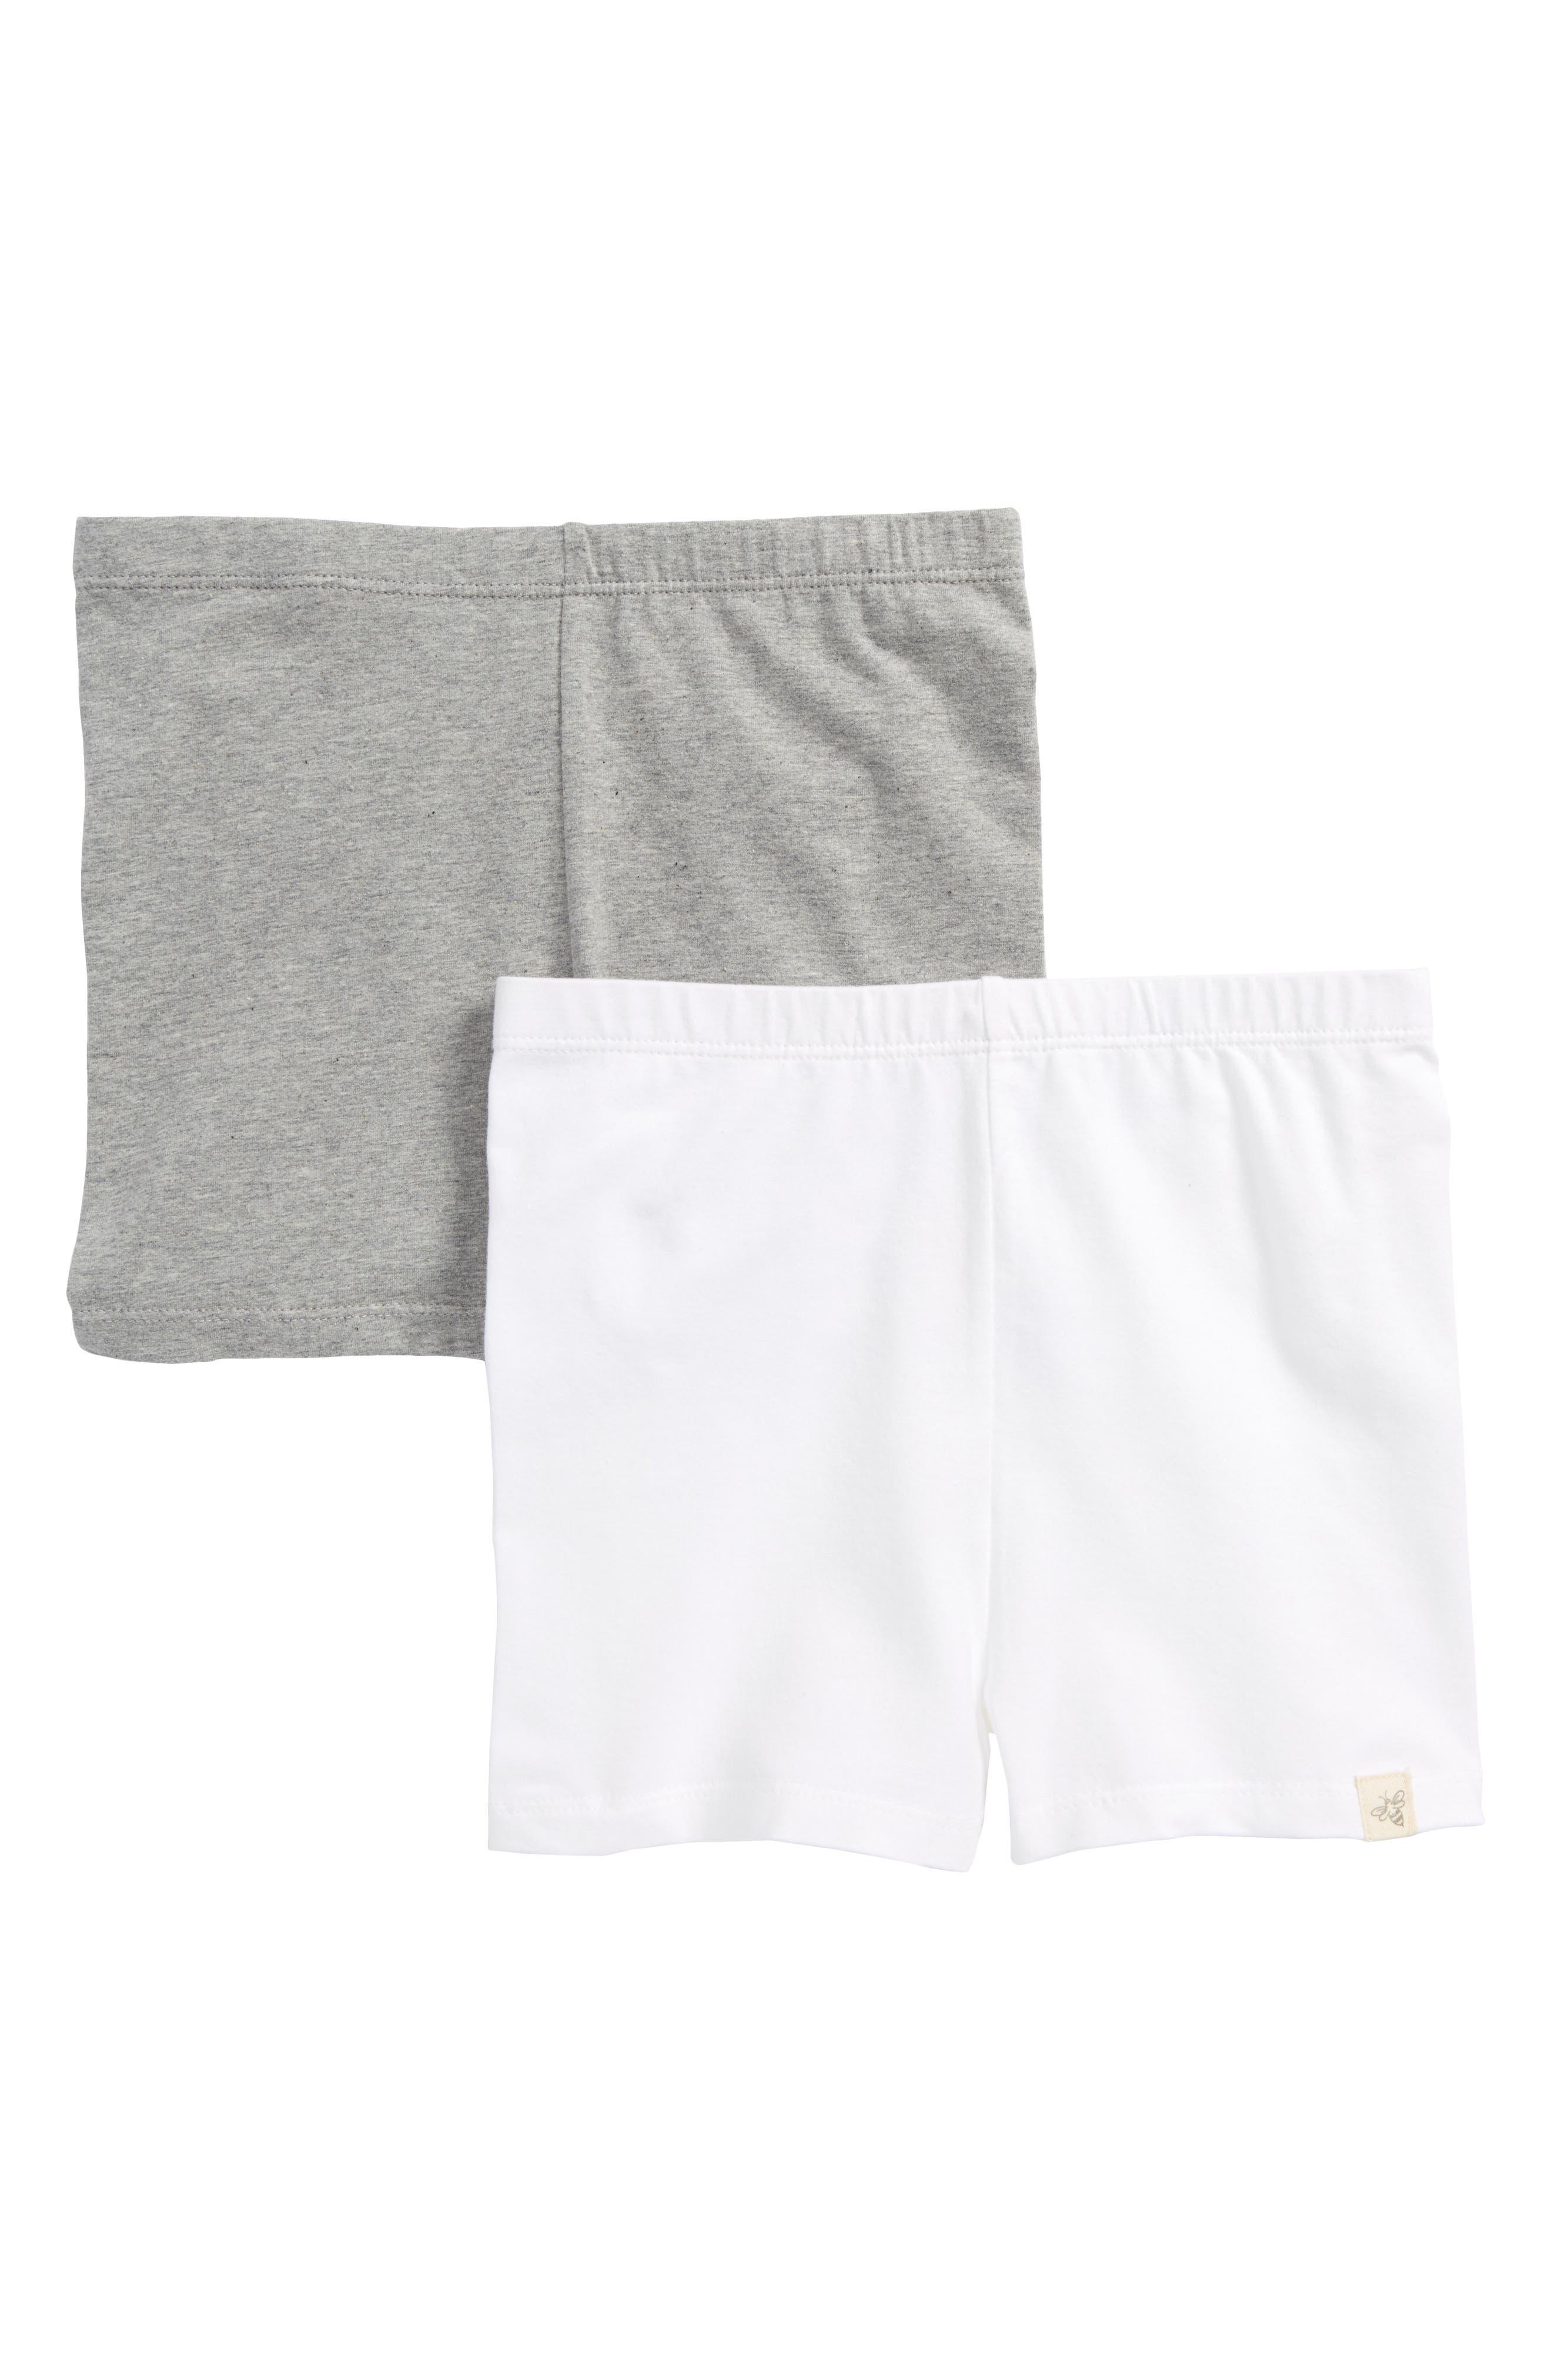 2-Pack Organic Cotton Blend Bike Shorts,                             Main thumbnail 1, color,                             Multi